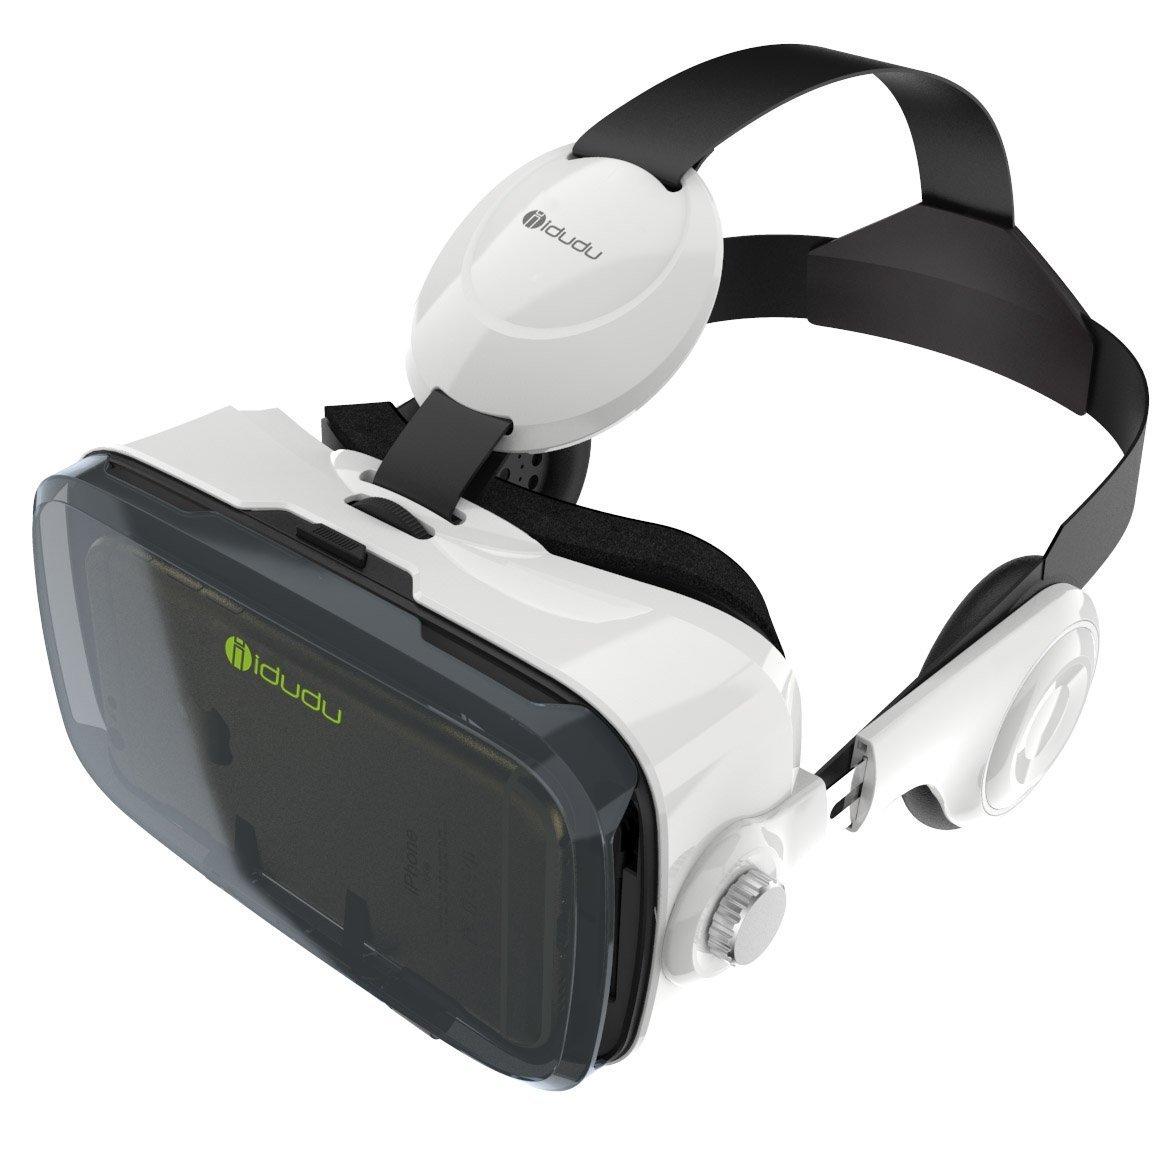 iDudu VR Review